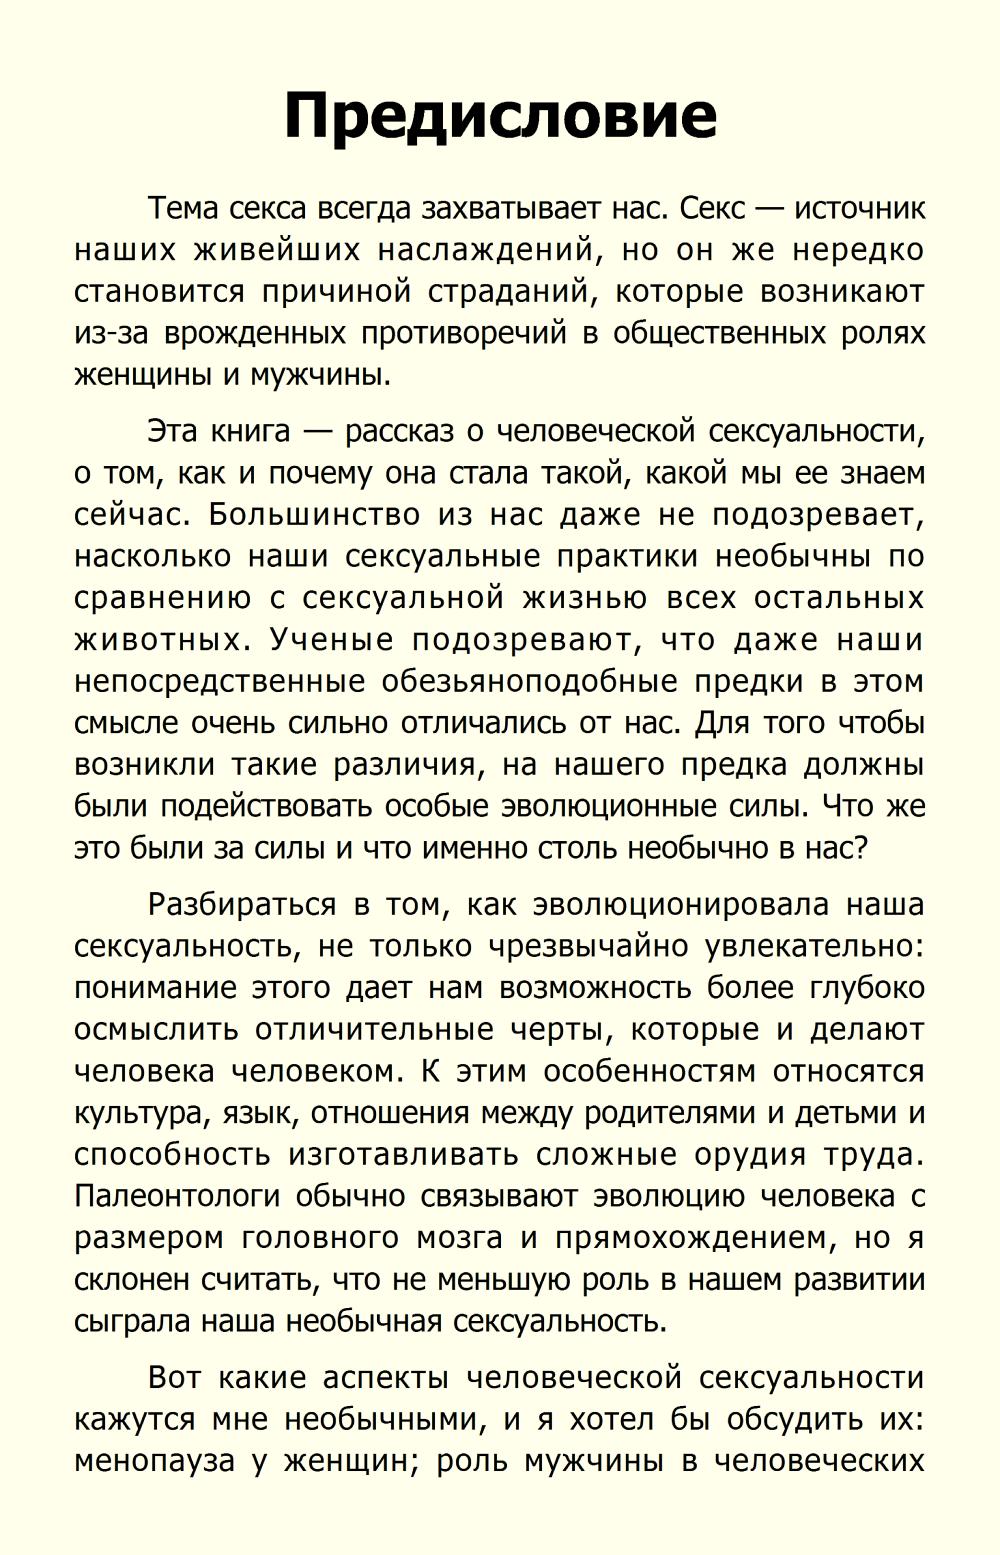 http://i3.imageban.ru/out/2014/01/21/6e2cecdad4b9a9b4e0952d087b4b77b9.jpg